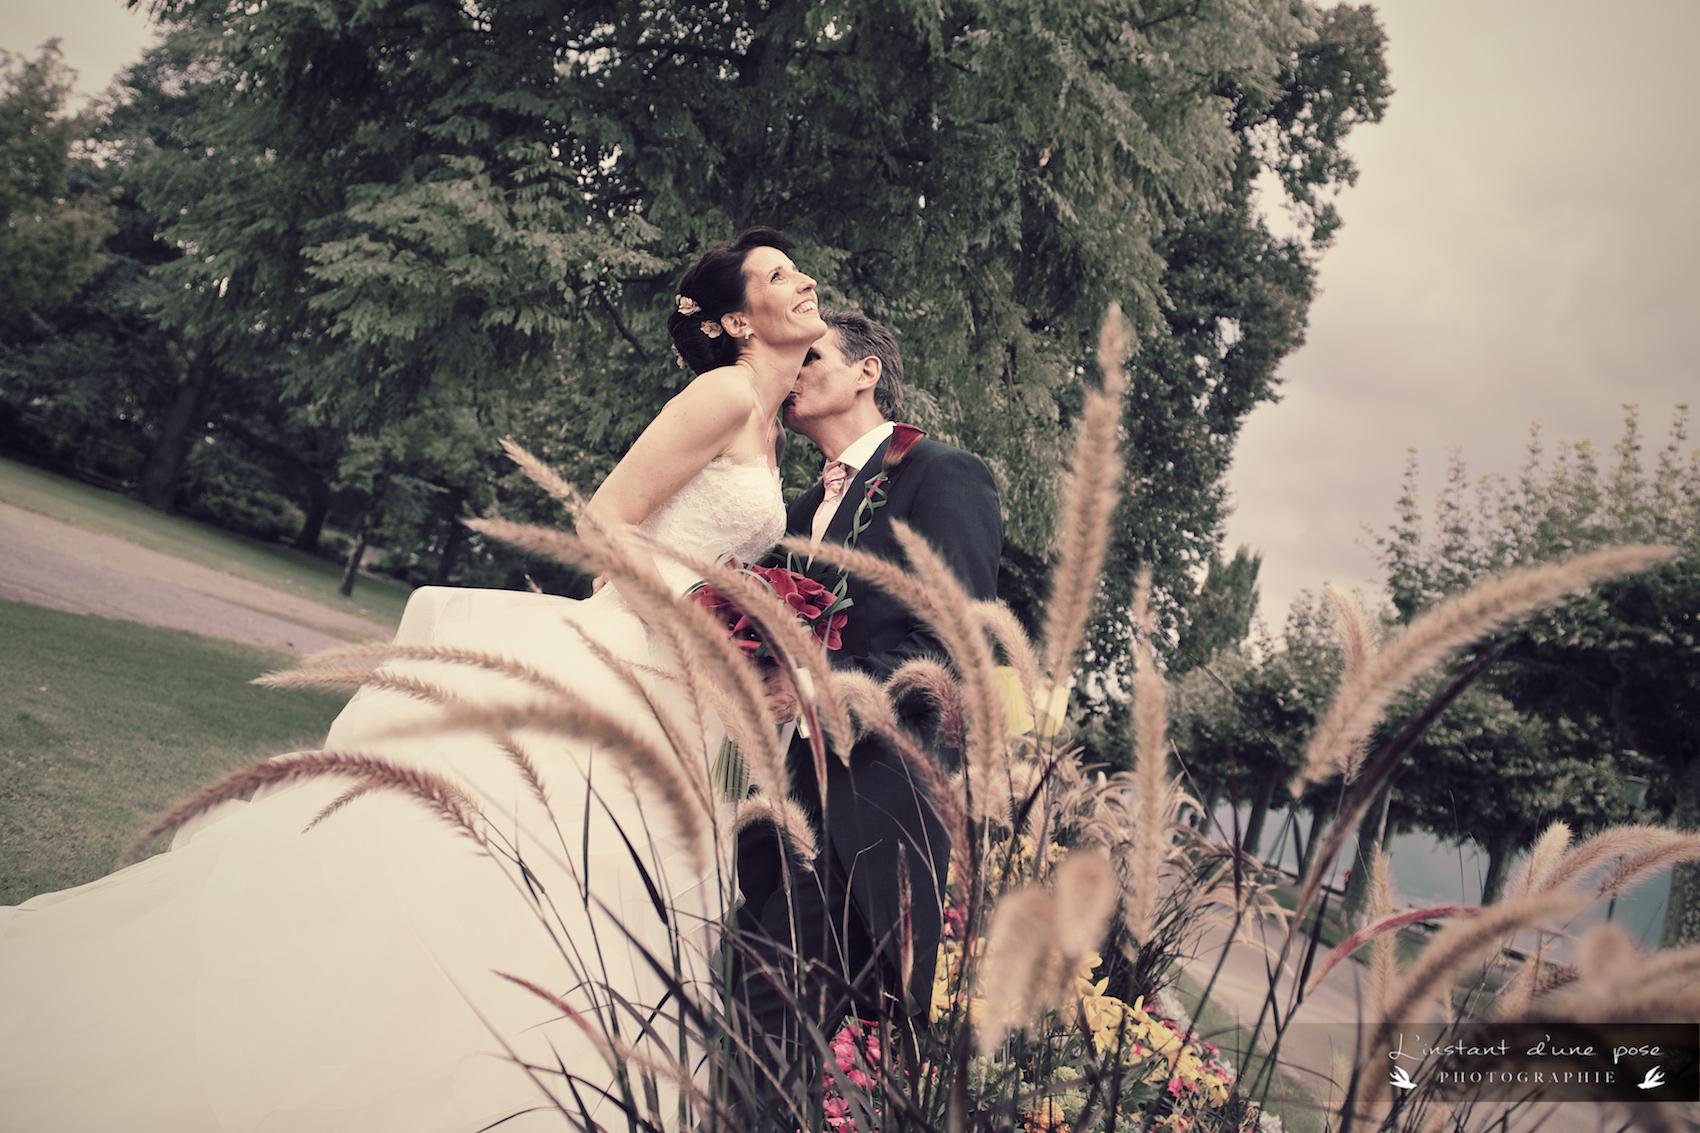 A&N_les mariés 209